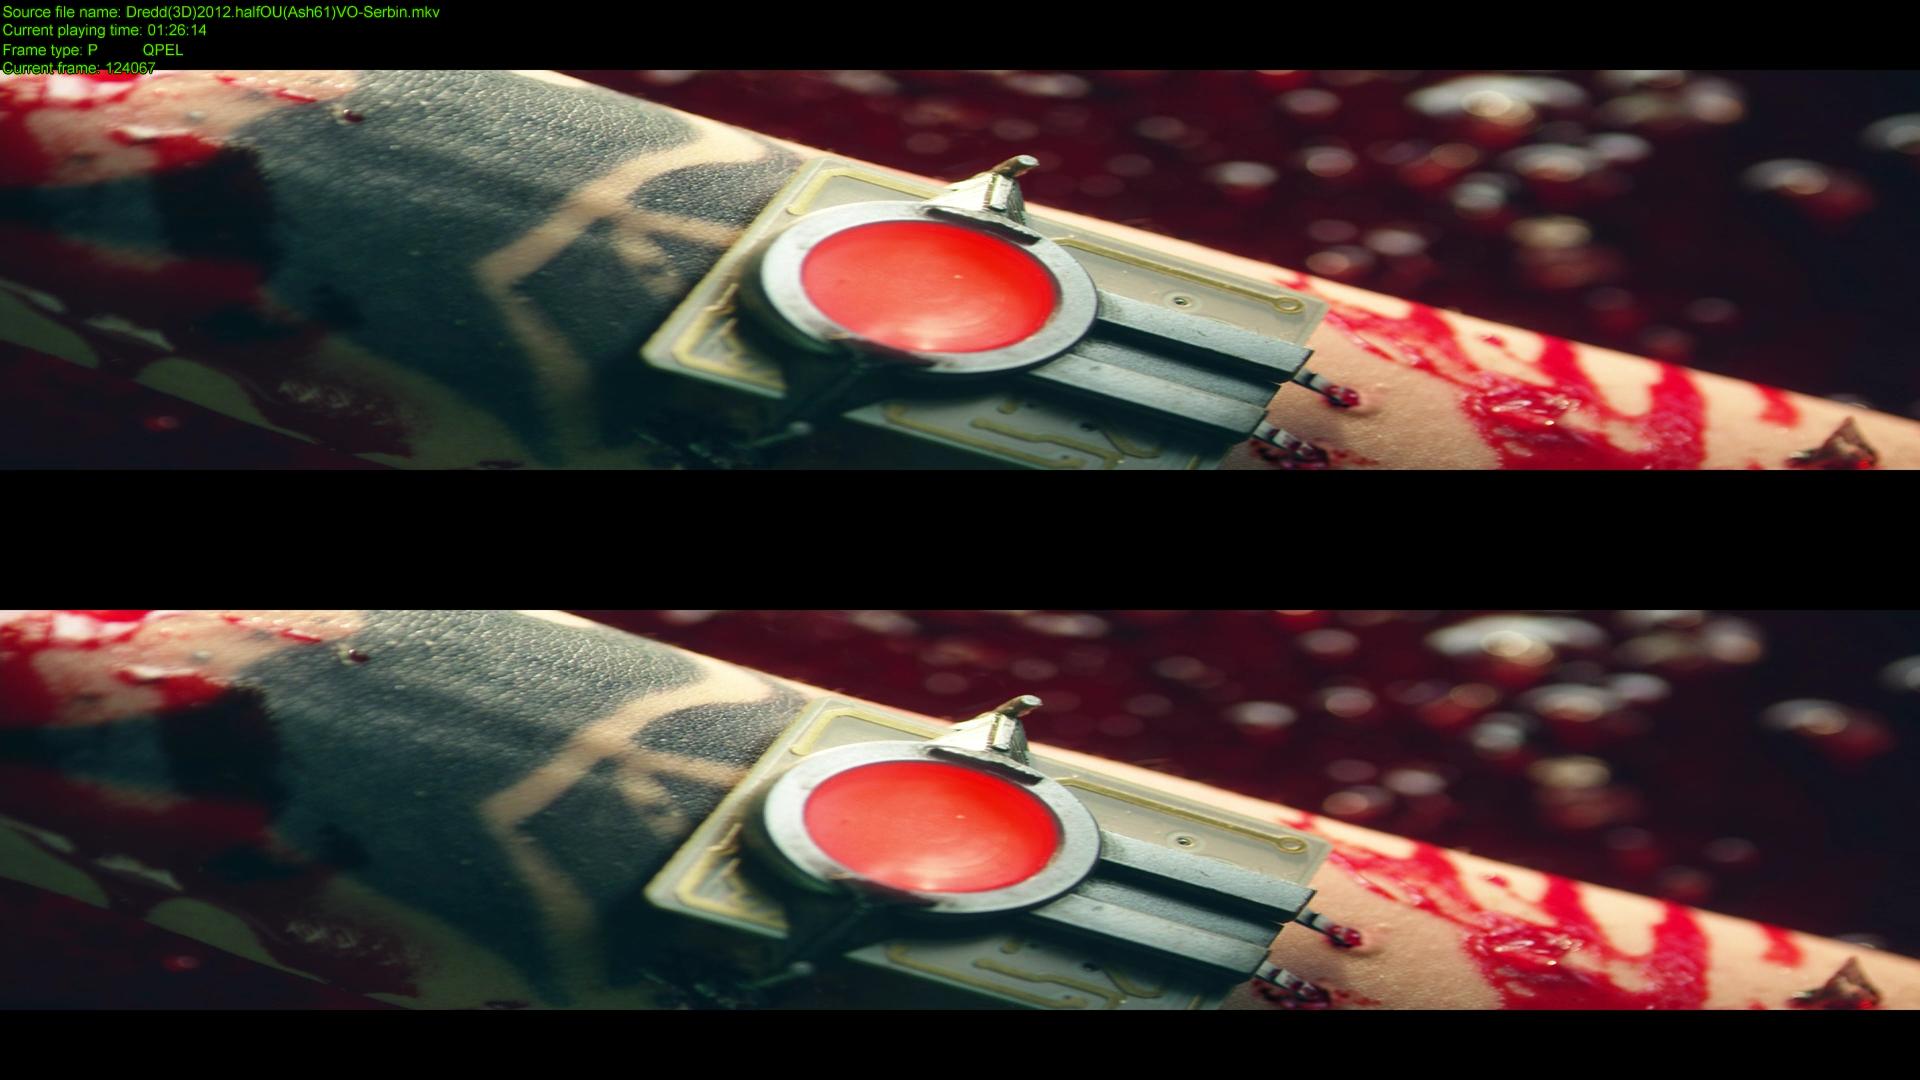 Судья Дредд 3D / Dredd 3D (2012) BDRip 1080p